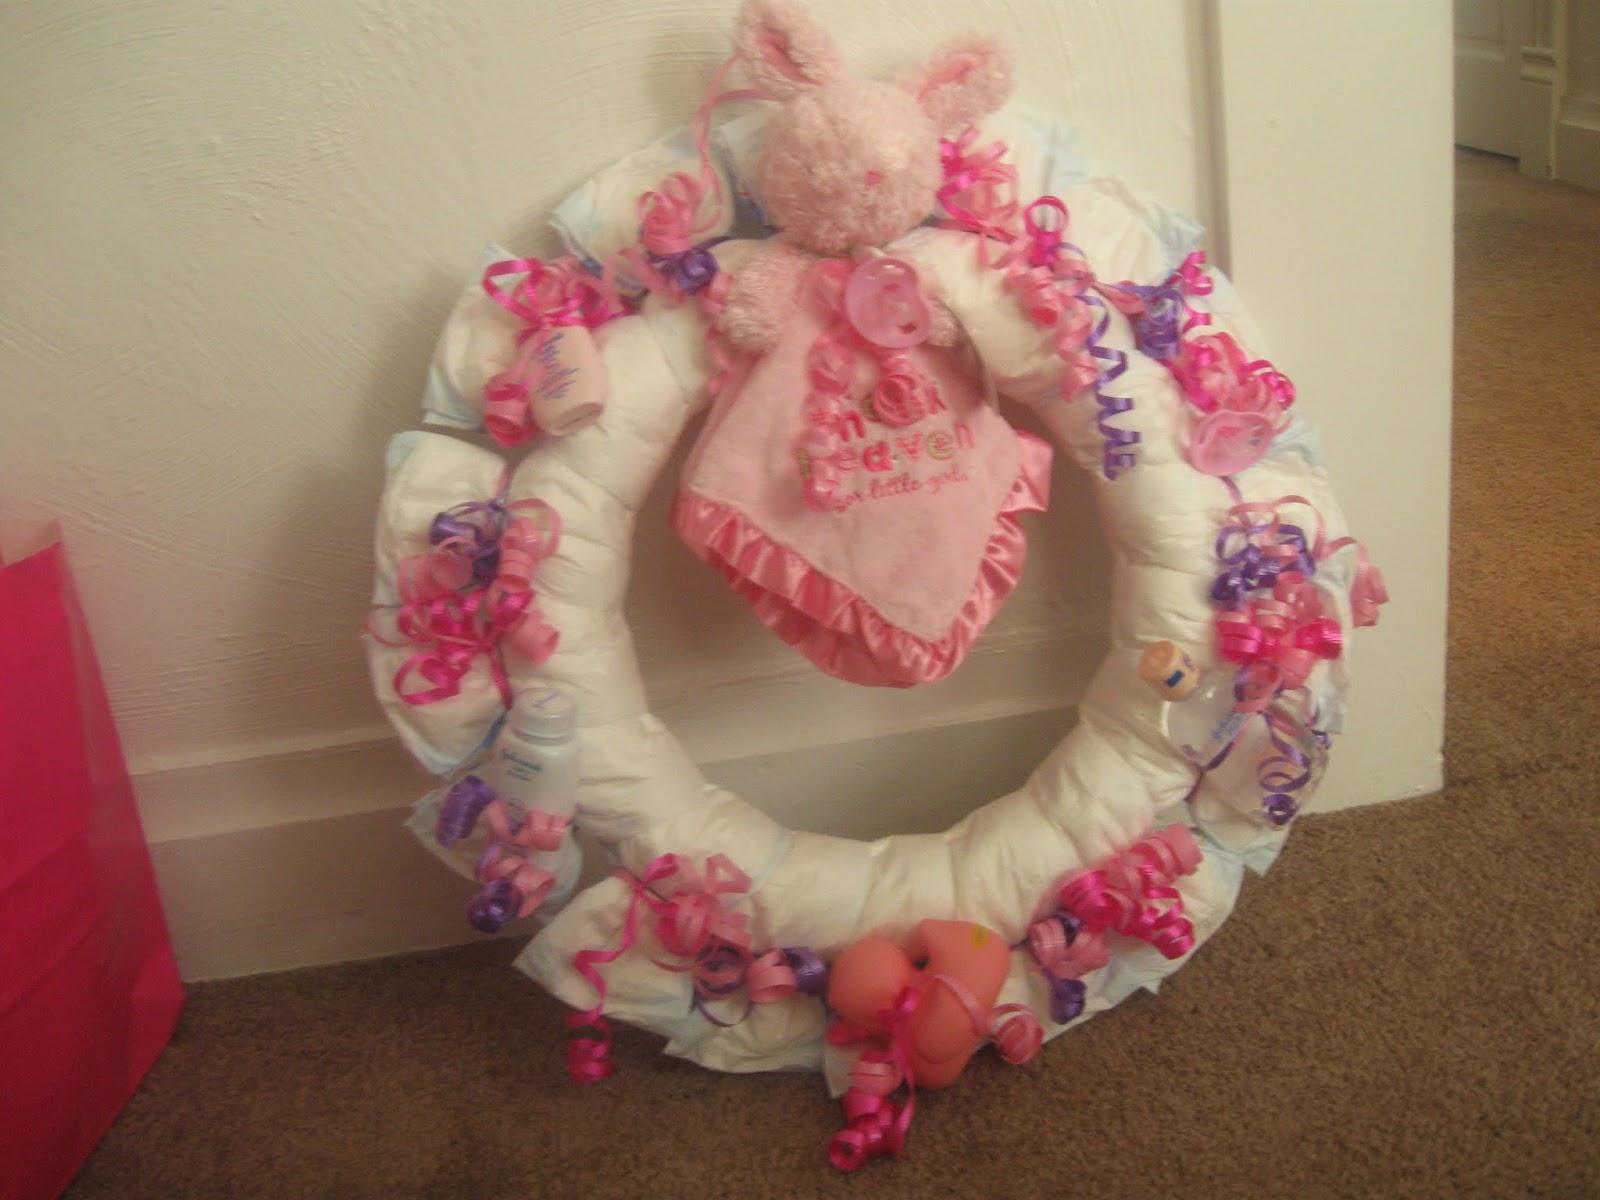 Jamie lynne craft guru shower crafts i have made for gifts for Diaper crafts for baby shower